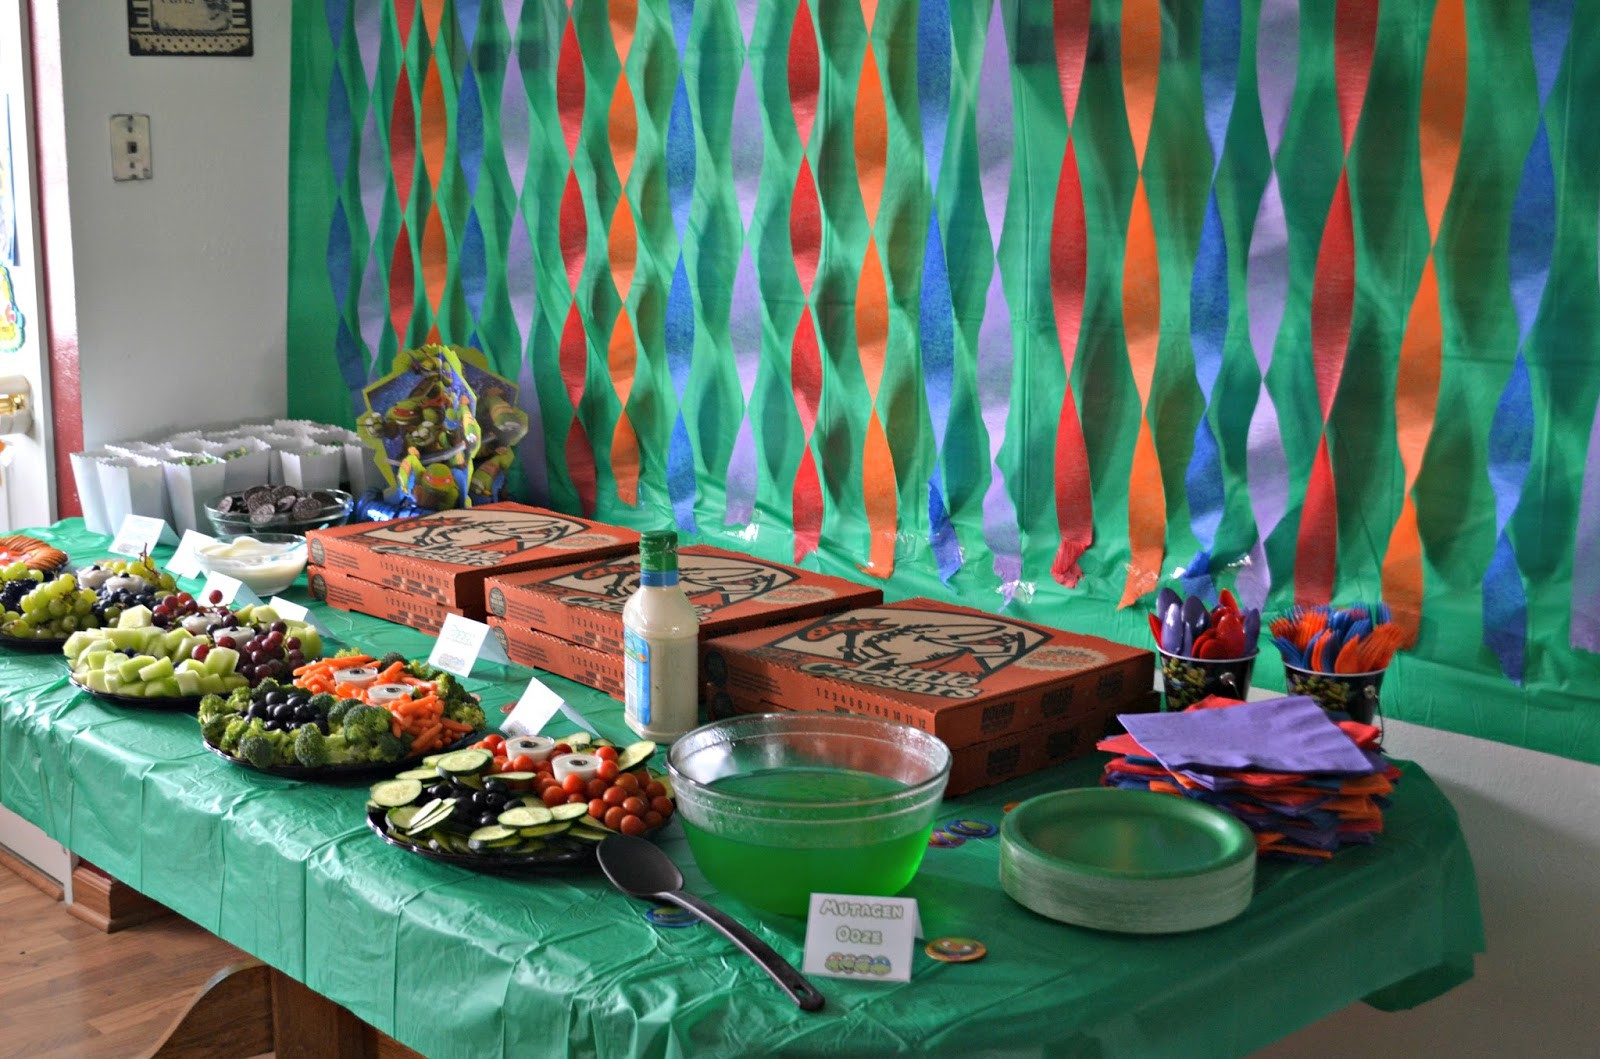 Ninja Turtles Birthday Party Food Ideas  Teenage Mutant Ninja Turtle Birthday Party